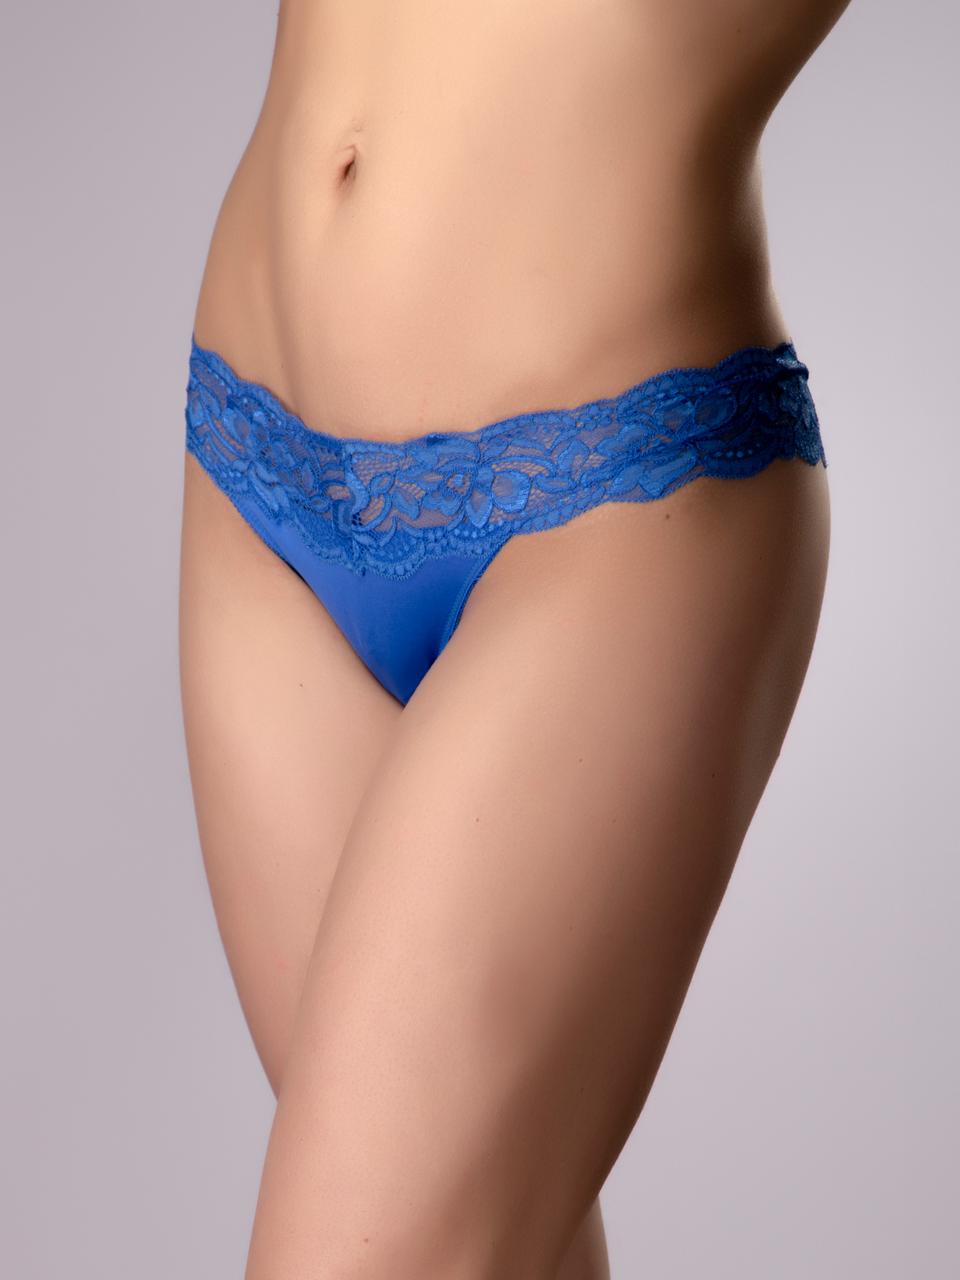 Трусики жіночі Acousma T6268H, колір Синій,  розмір S